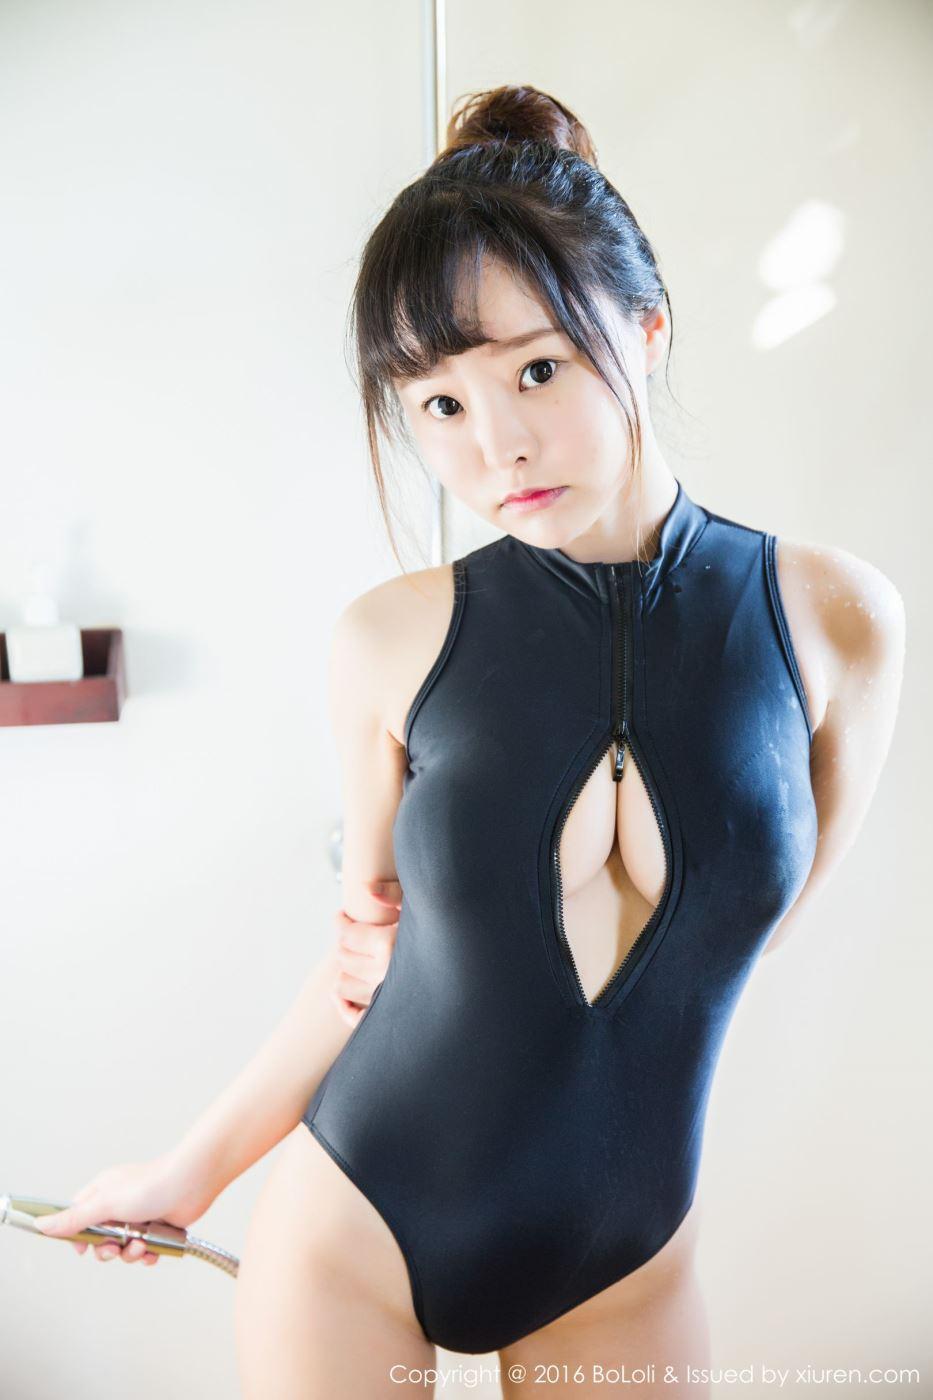 网络红人波萝社柳侑绮童颜巨乳萌妹子死库水湿身诱惑